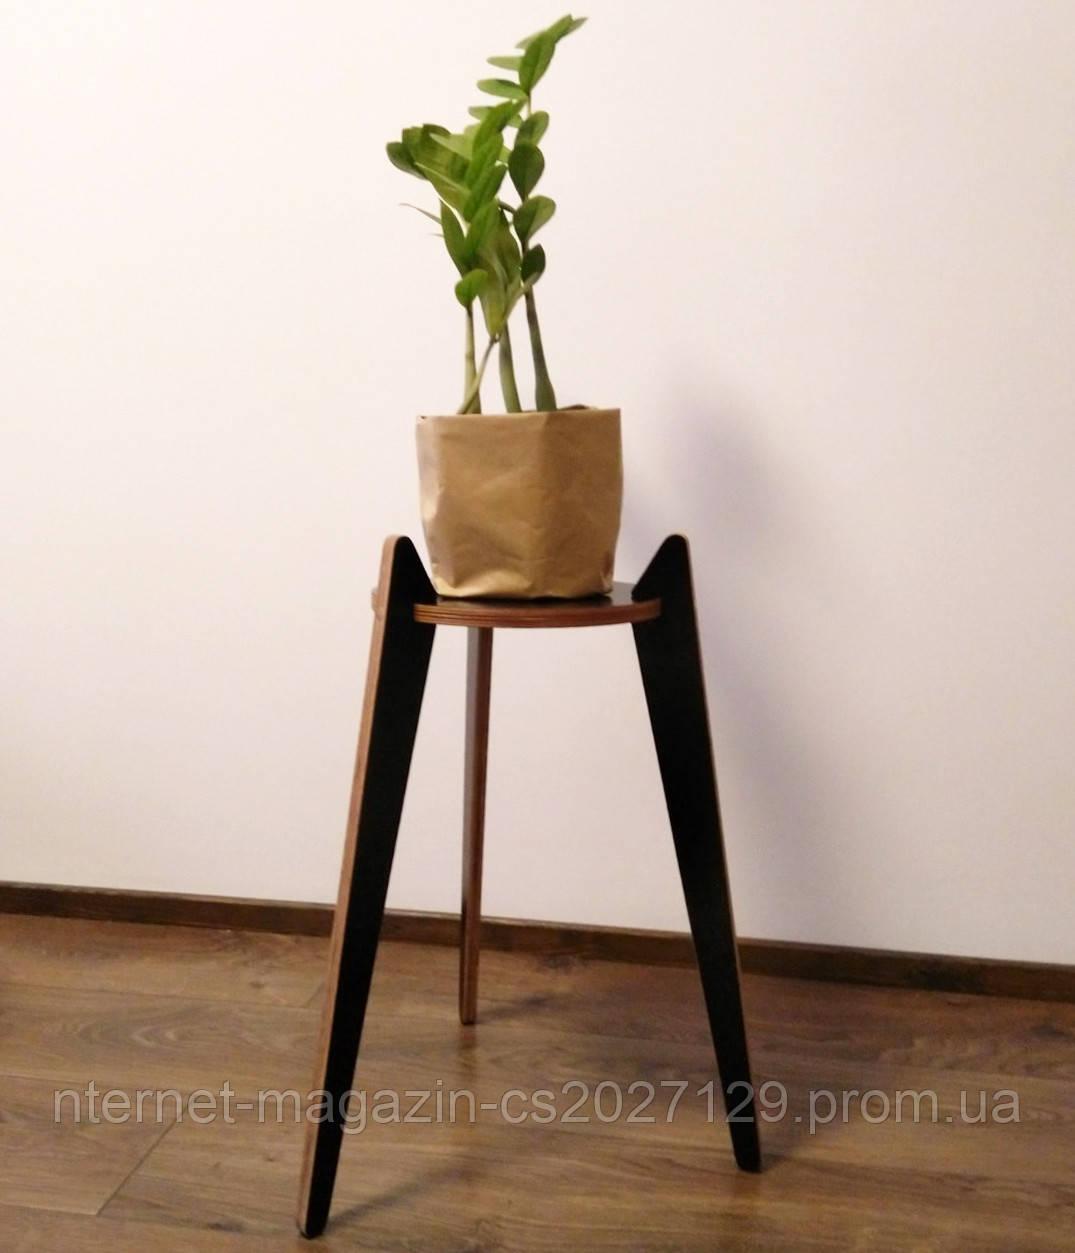 Цветочная подставка для комнатных растений из фанеры